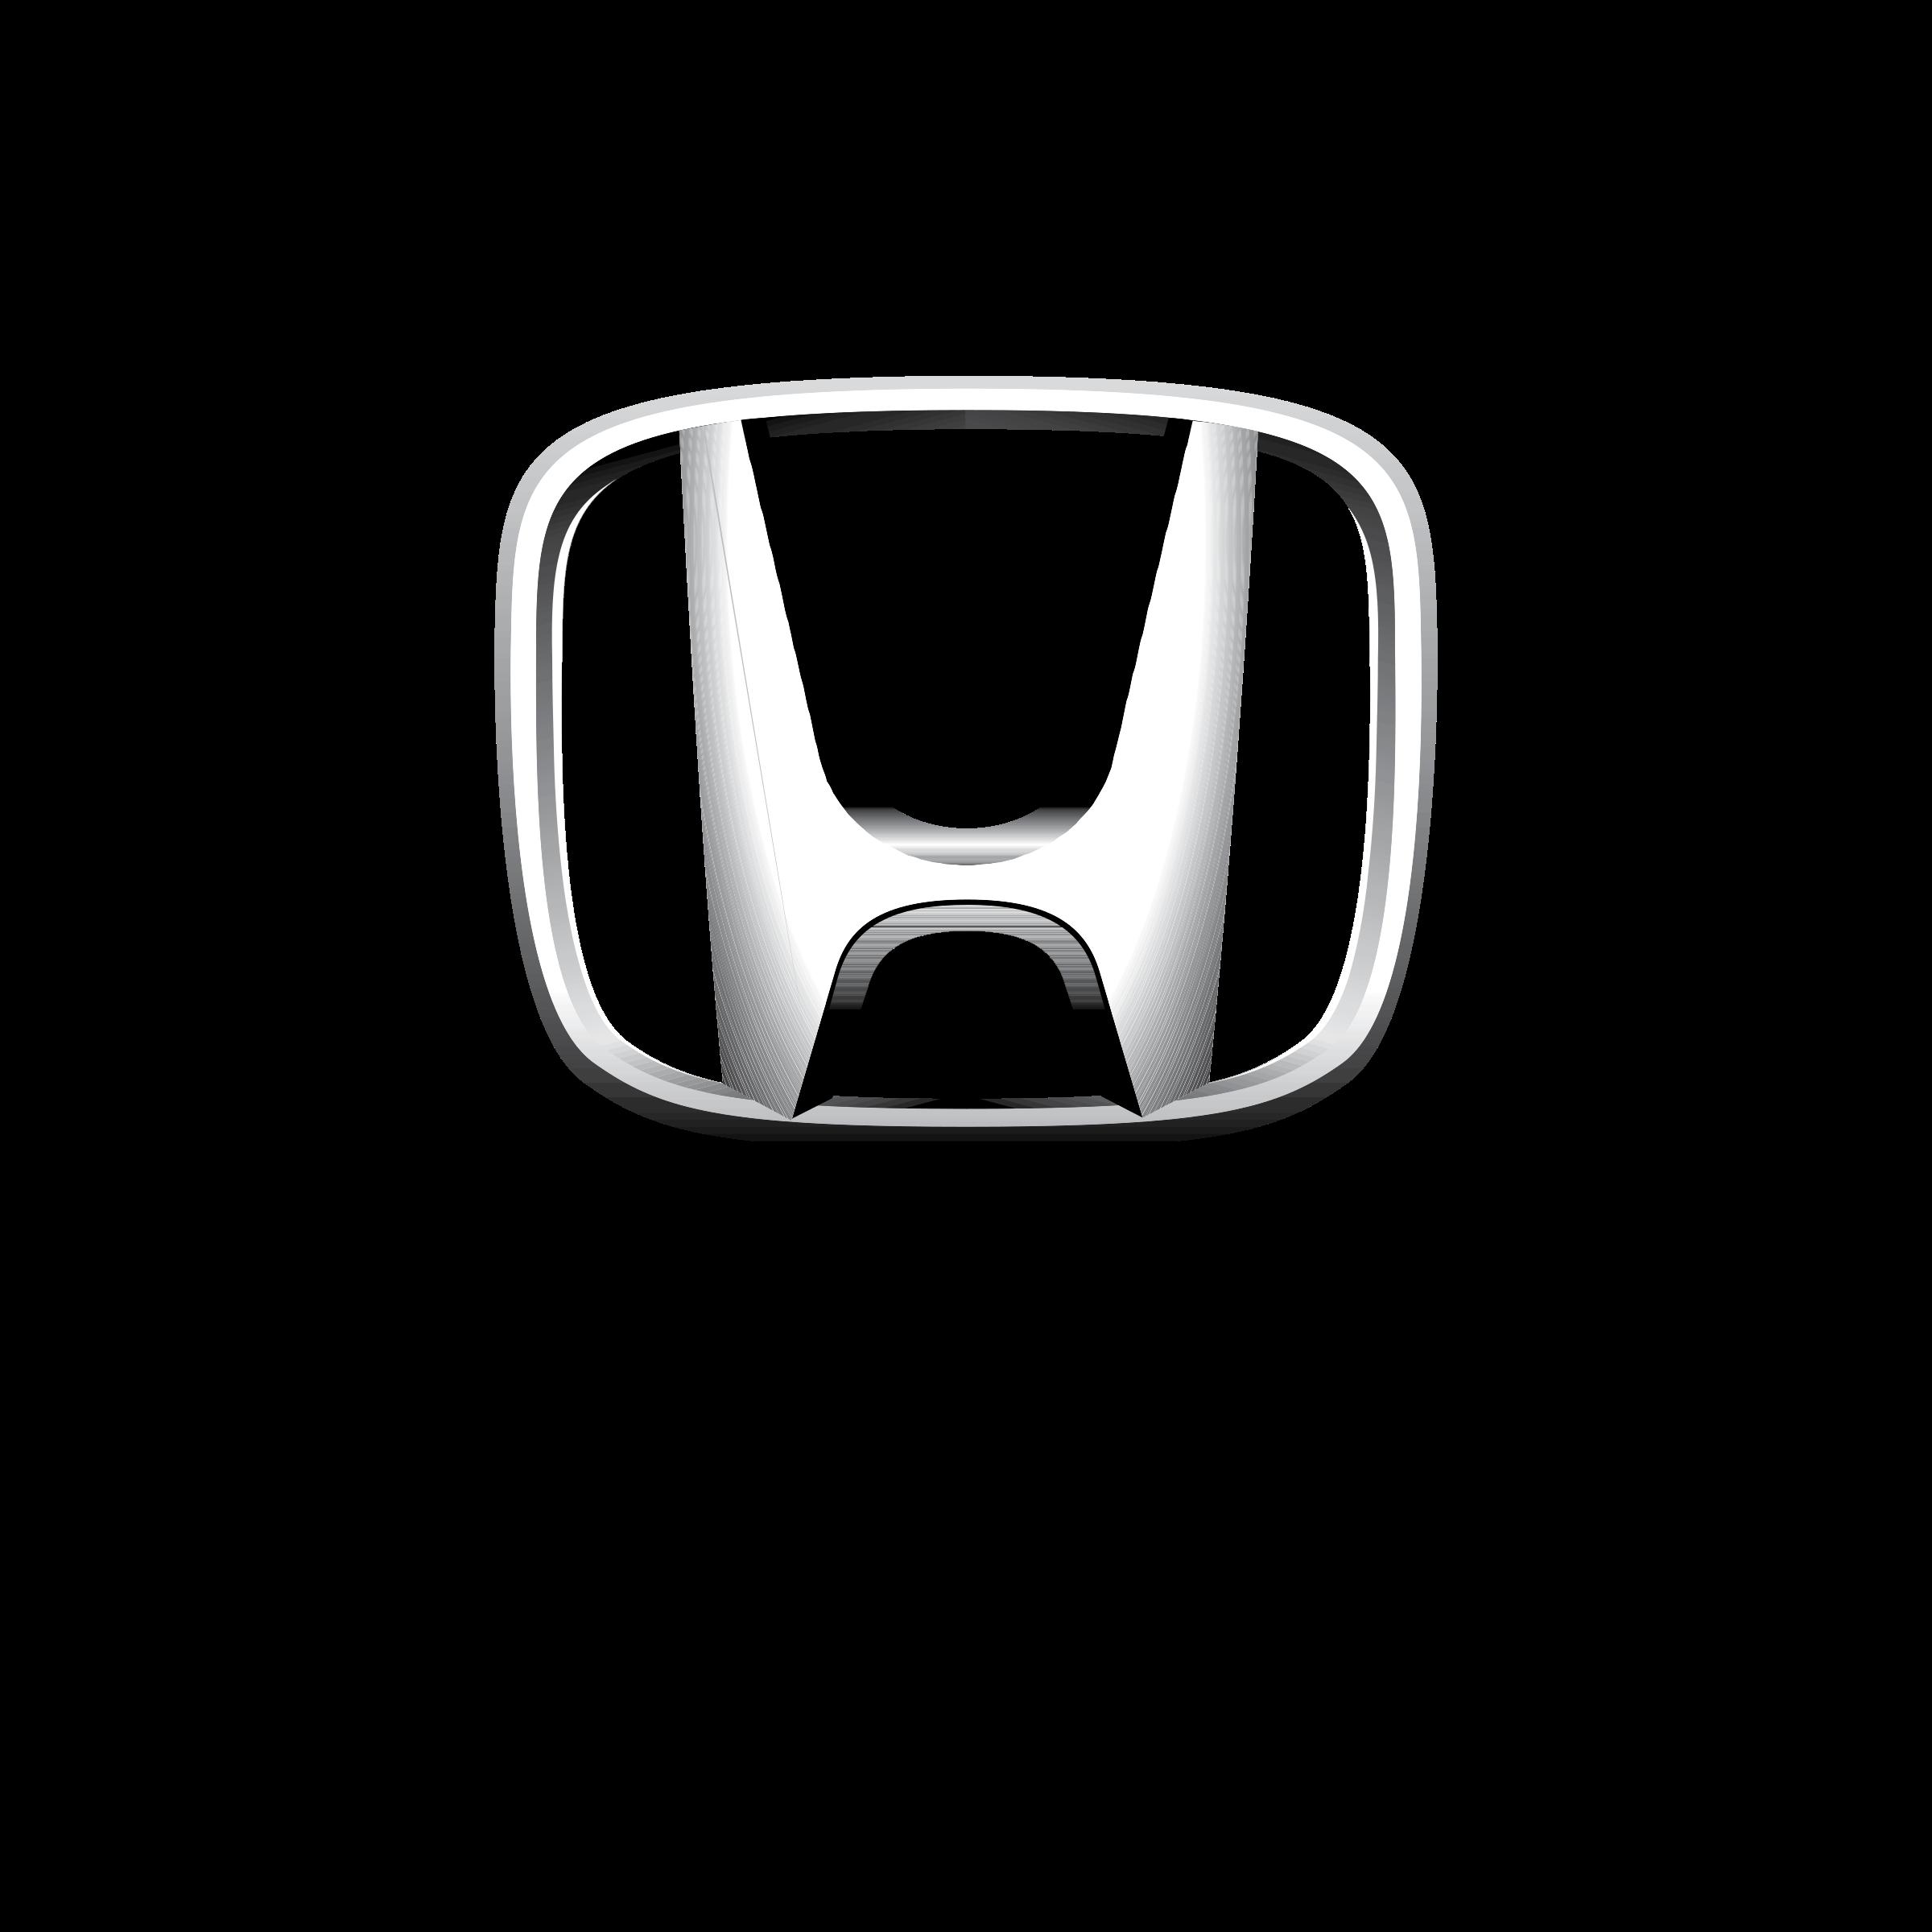 Honda automobiles logo png transparent